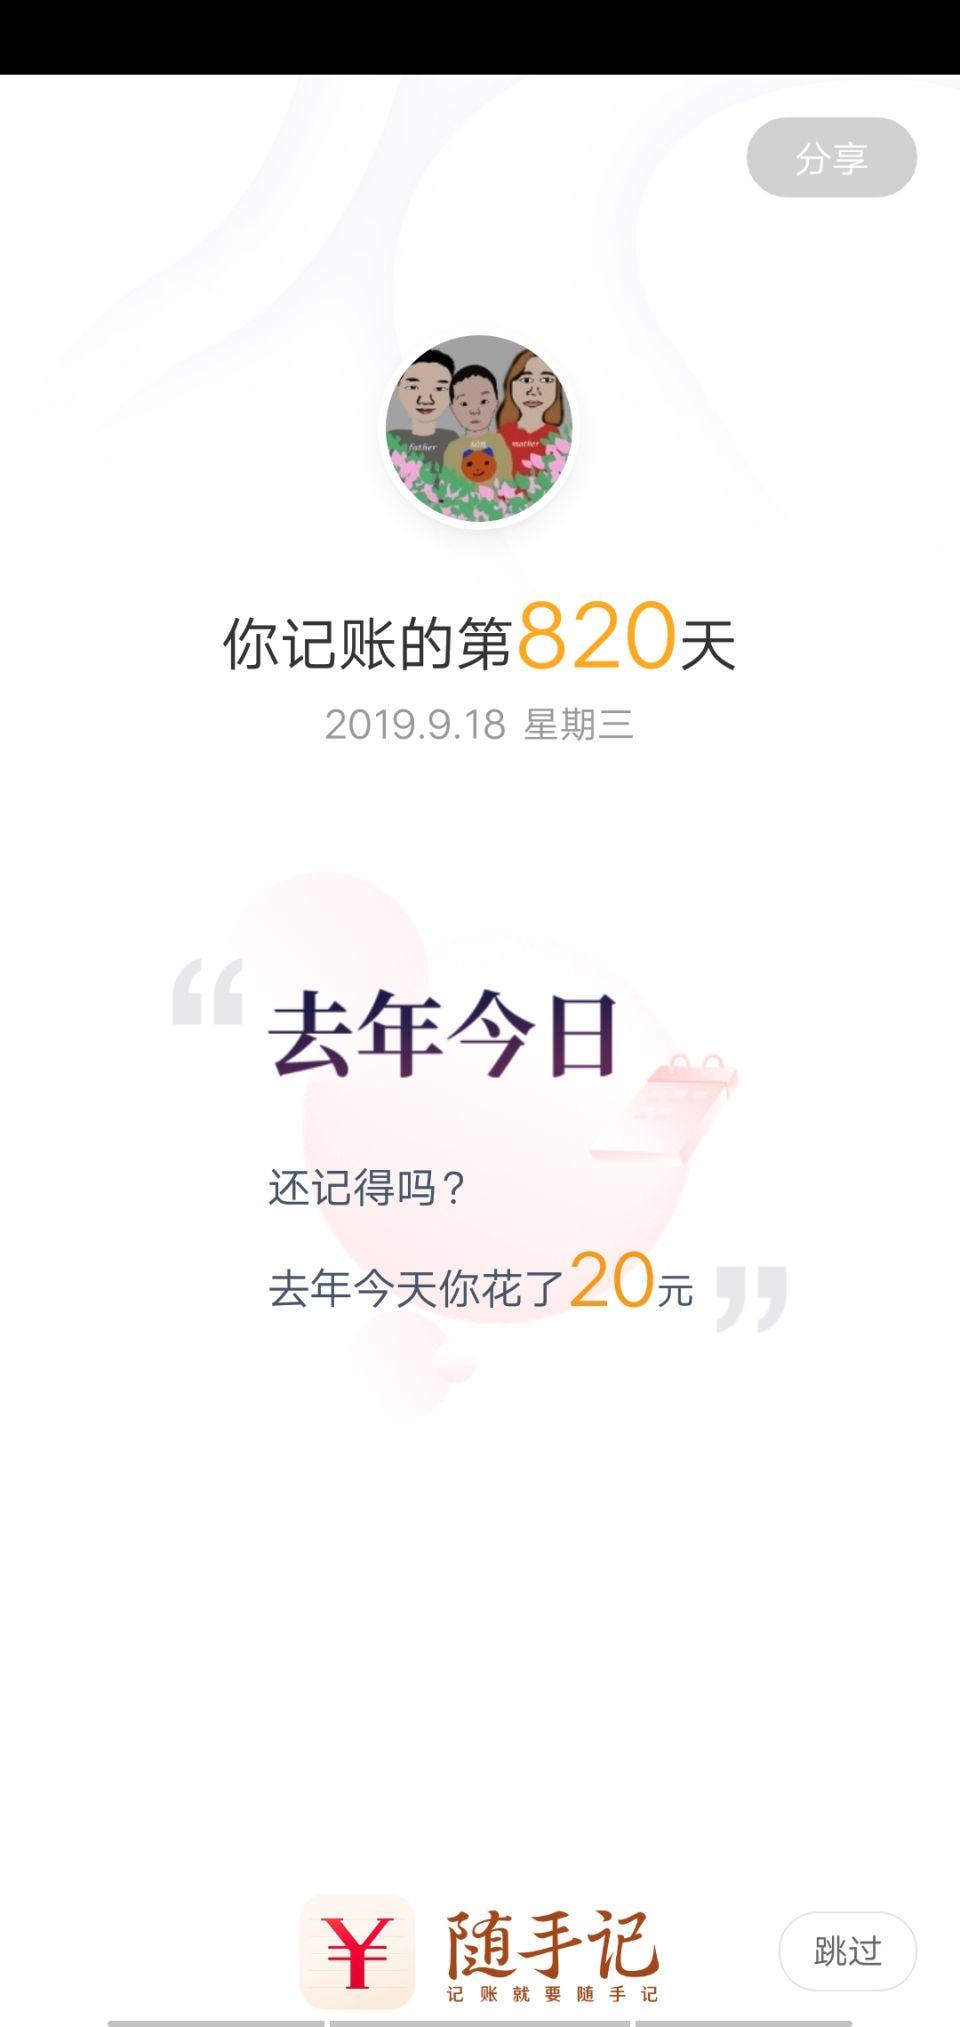 Screenshot_20190918_153747.jpg